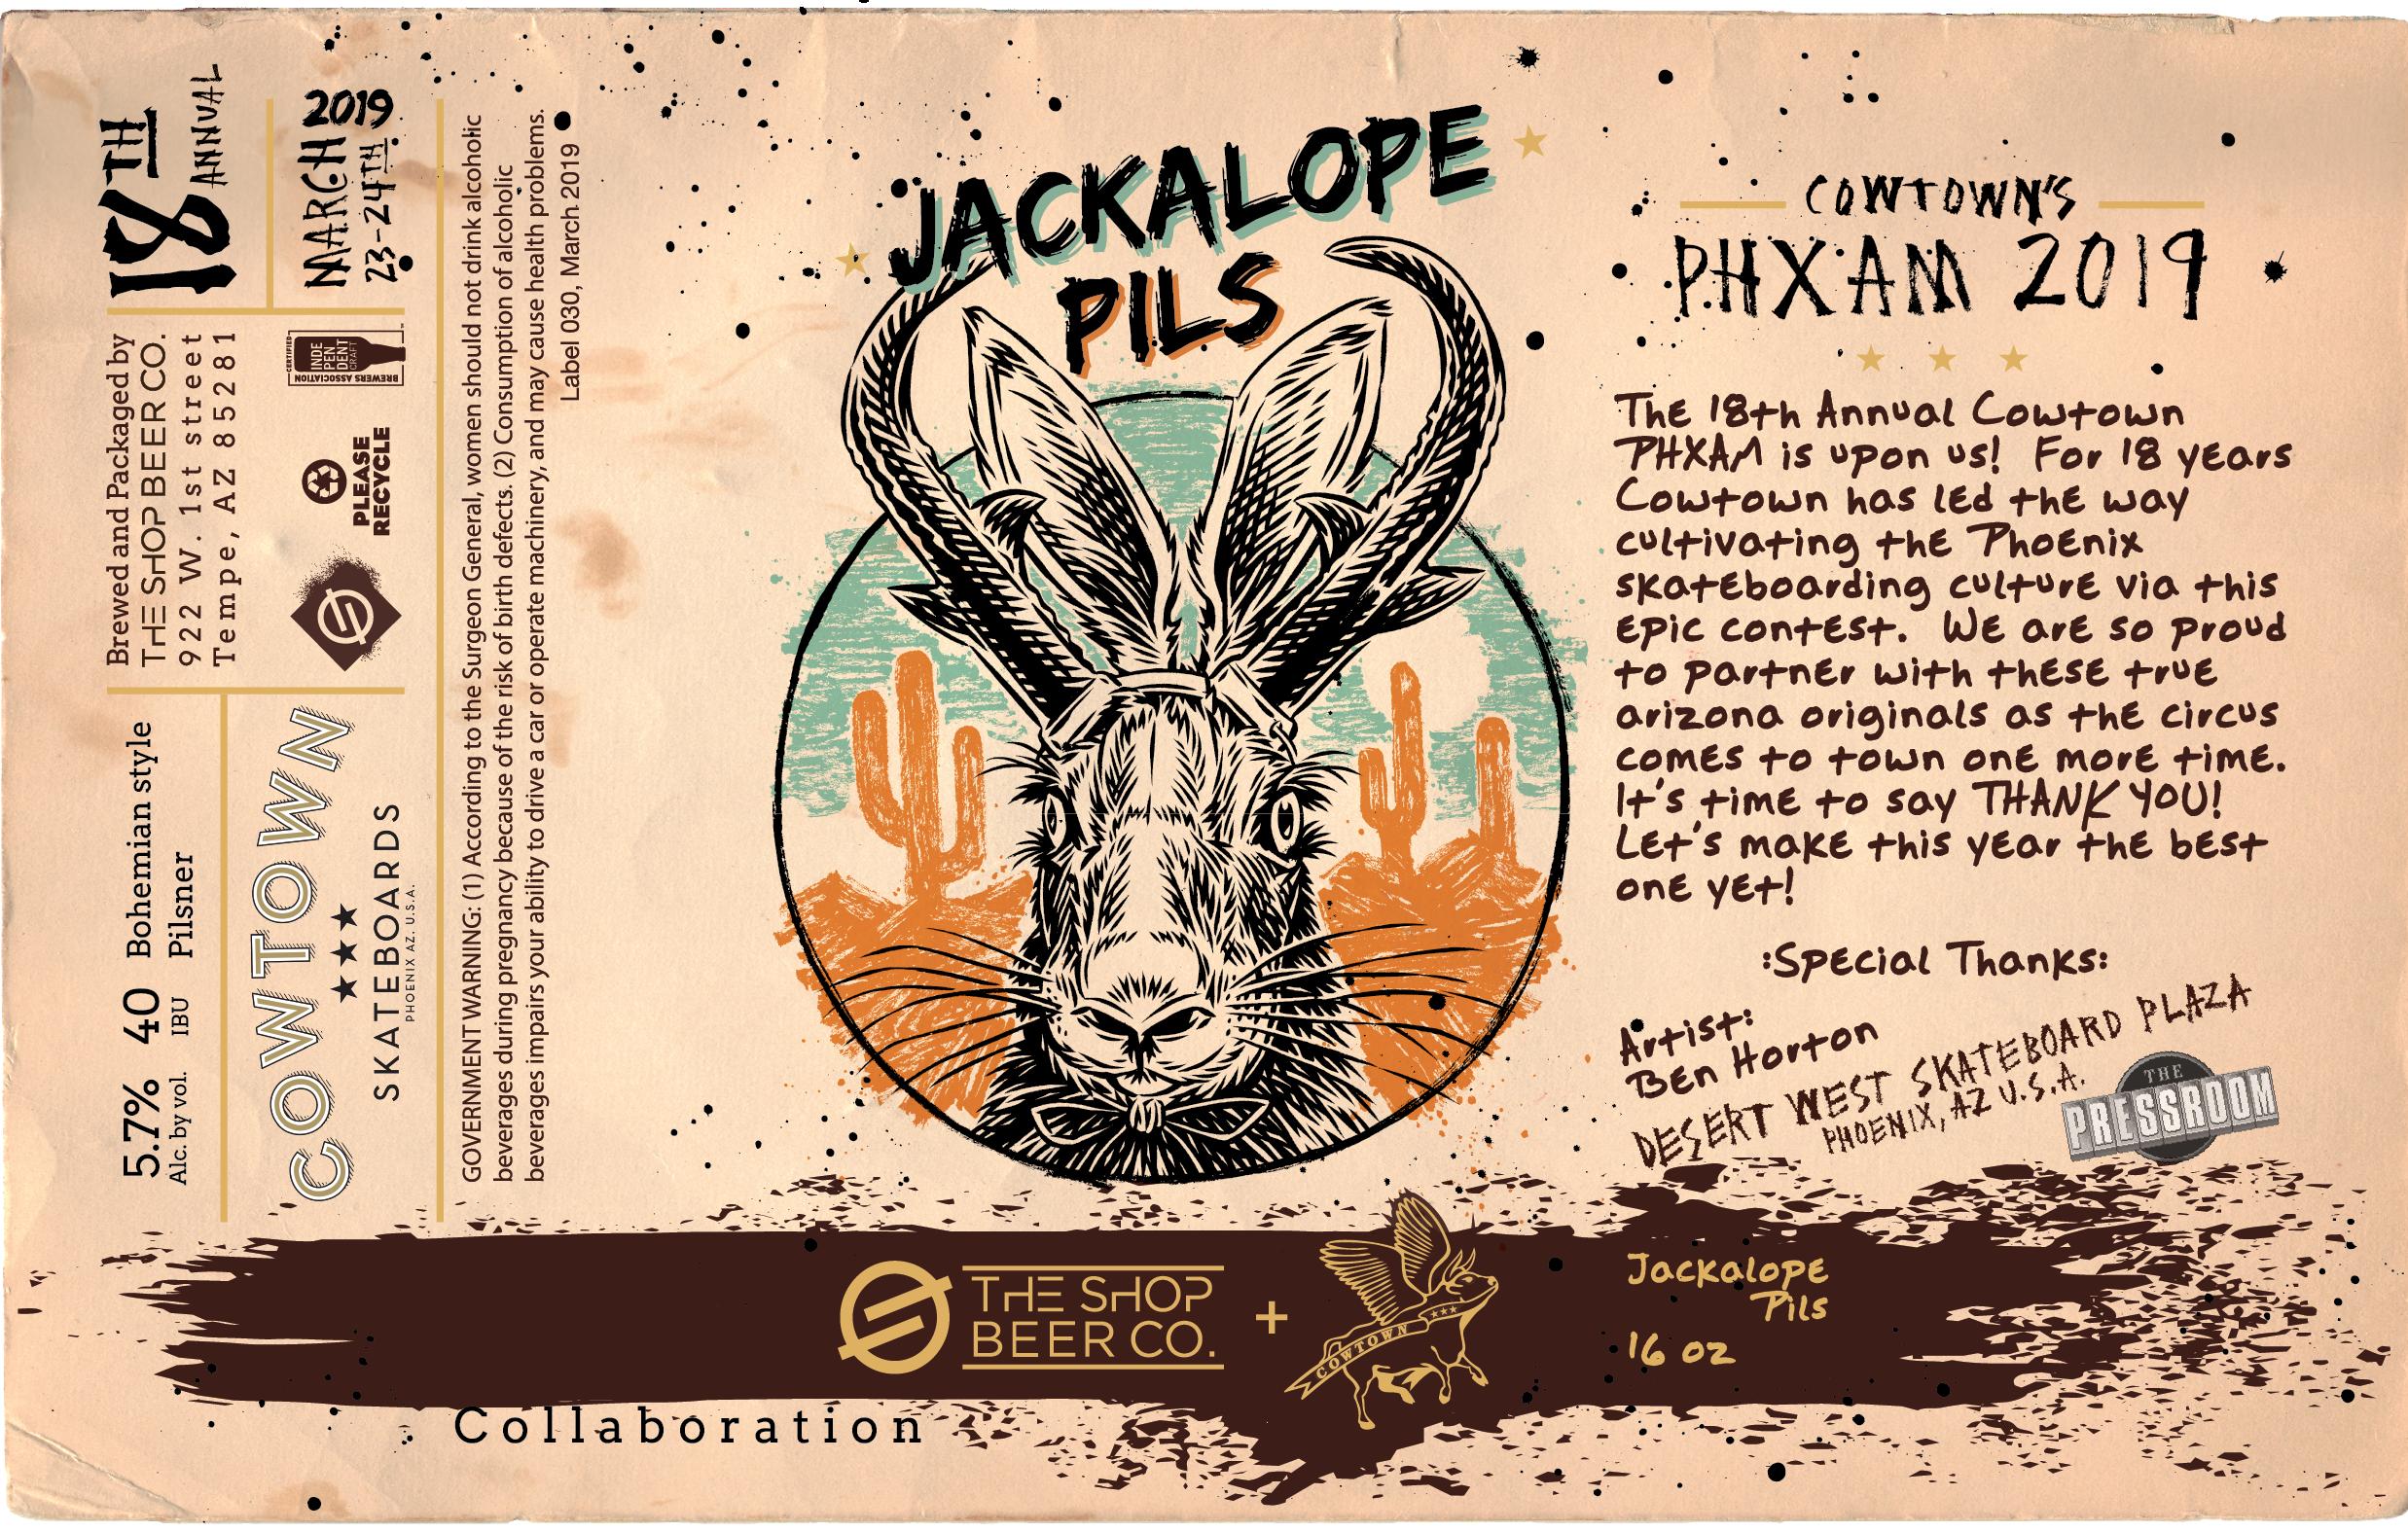 Jackalope Pils_Website_Label-01.jpg